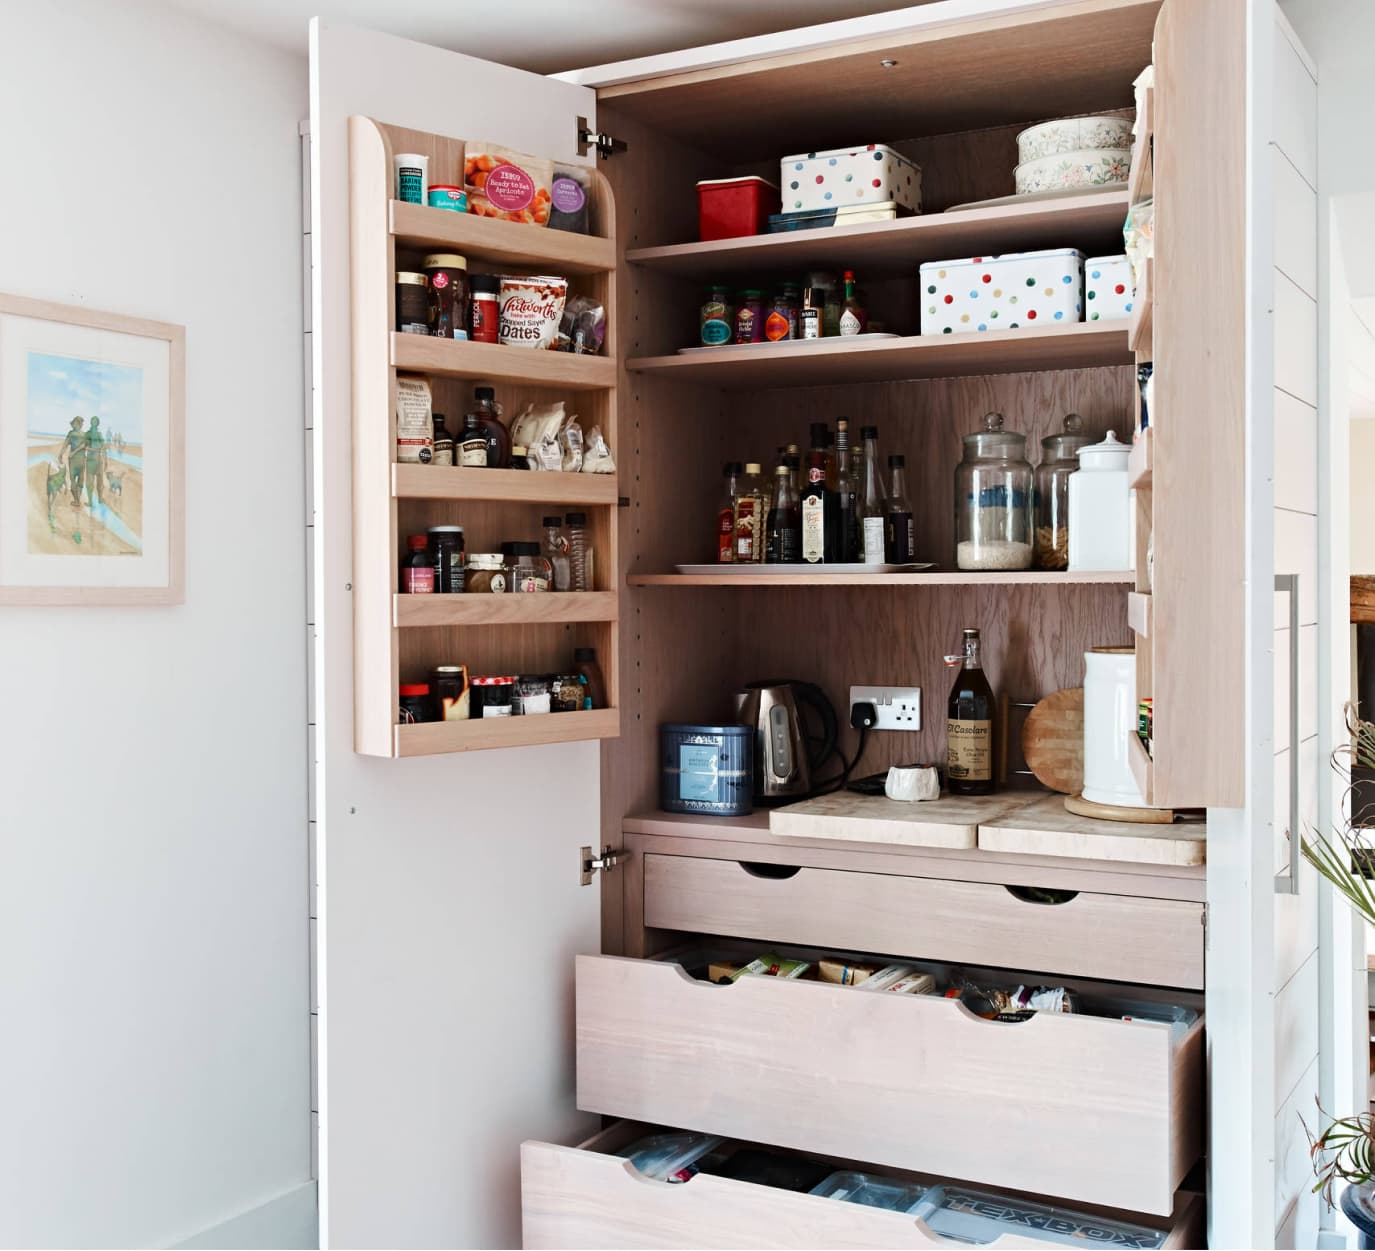 Pantry Units | Bespoke Kitchen Units & Pantry Cabinets